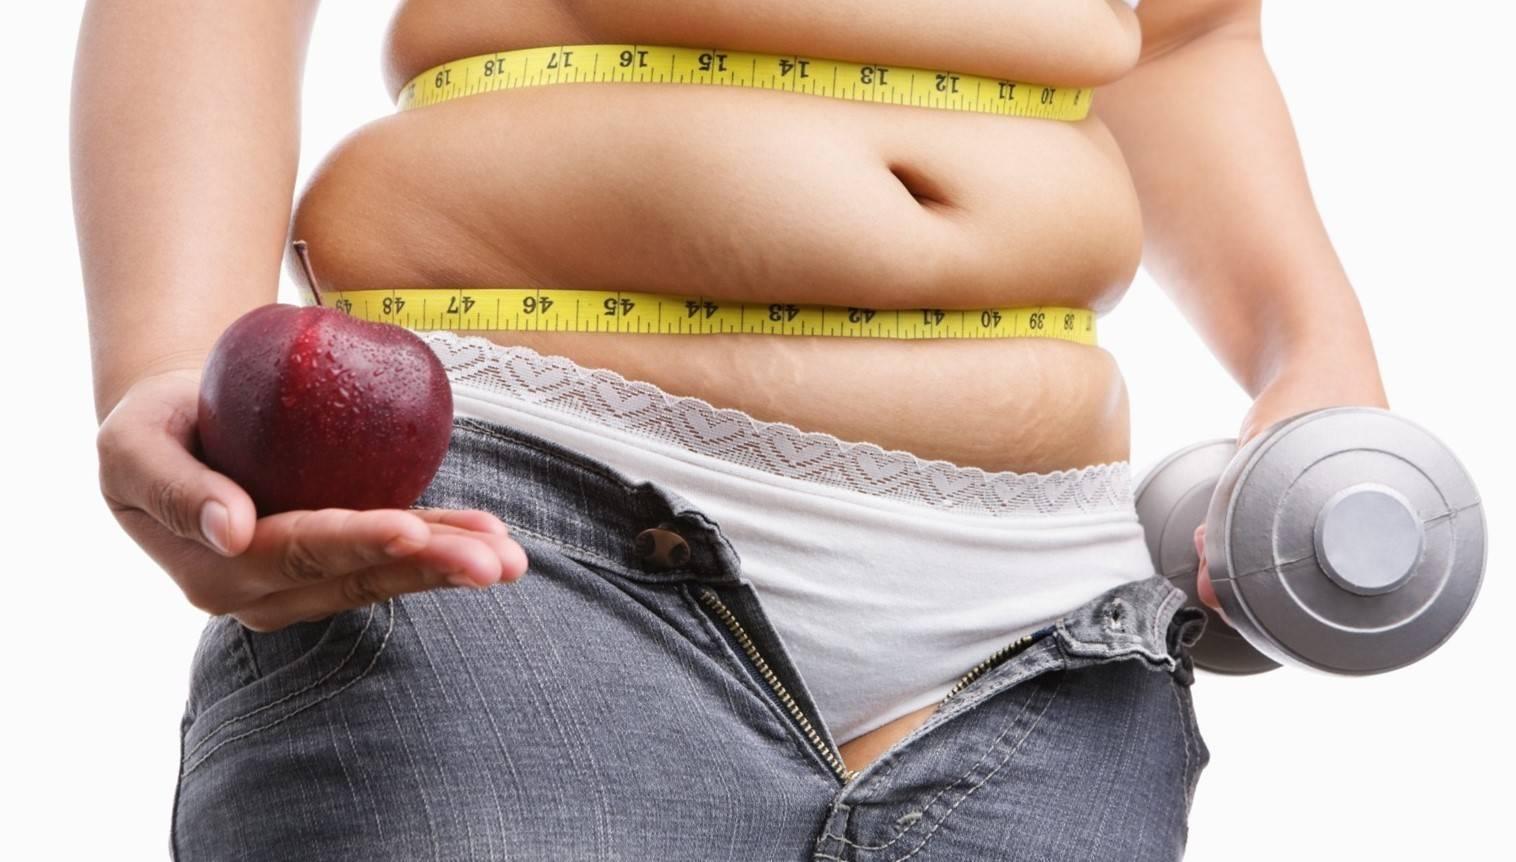 Как избавиться от висцерального жира? научная стратегия похудения